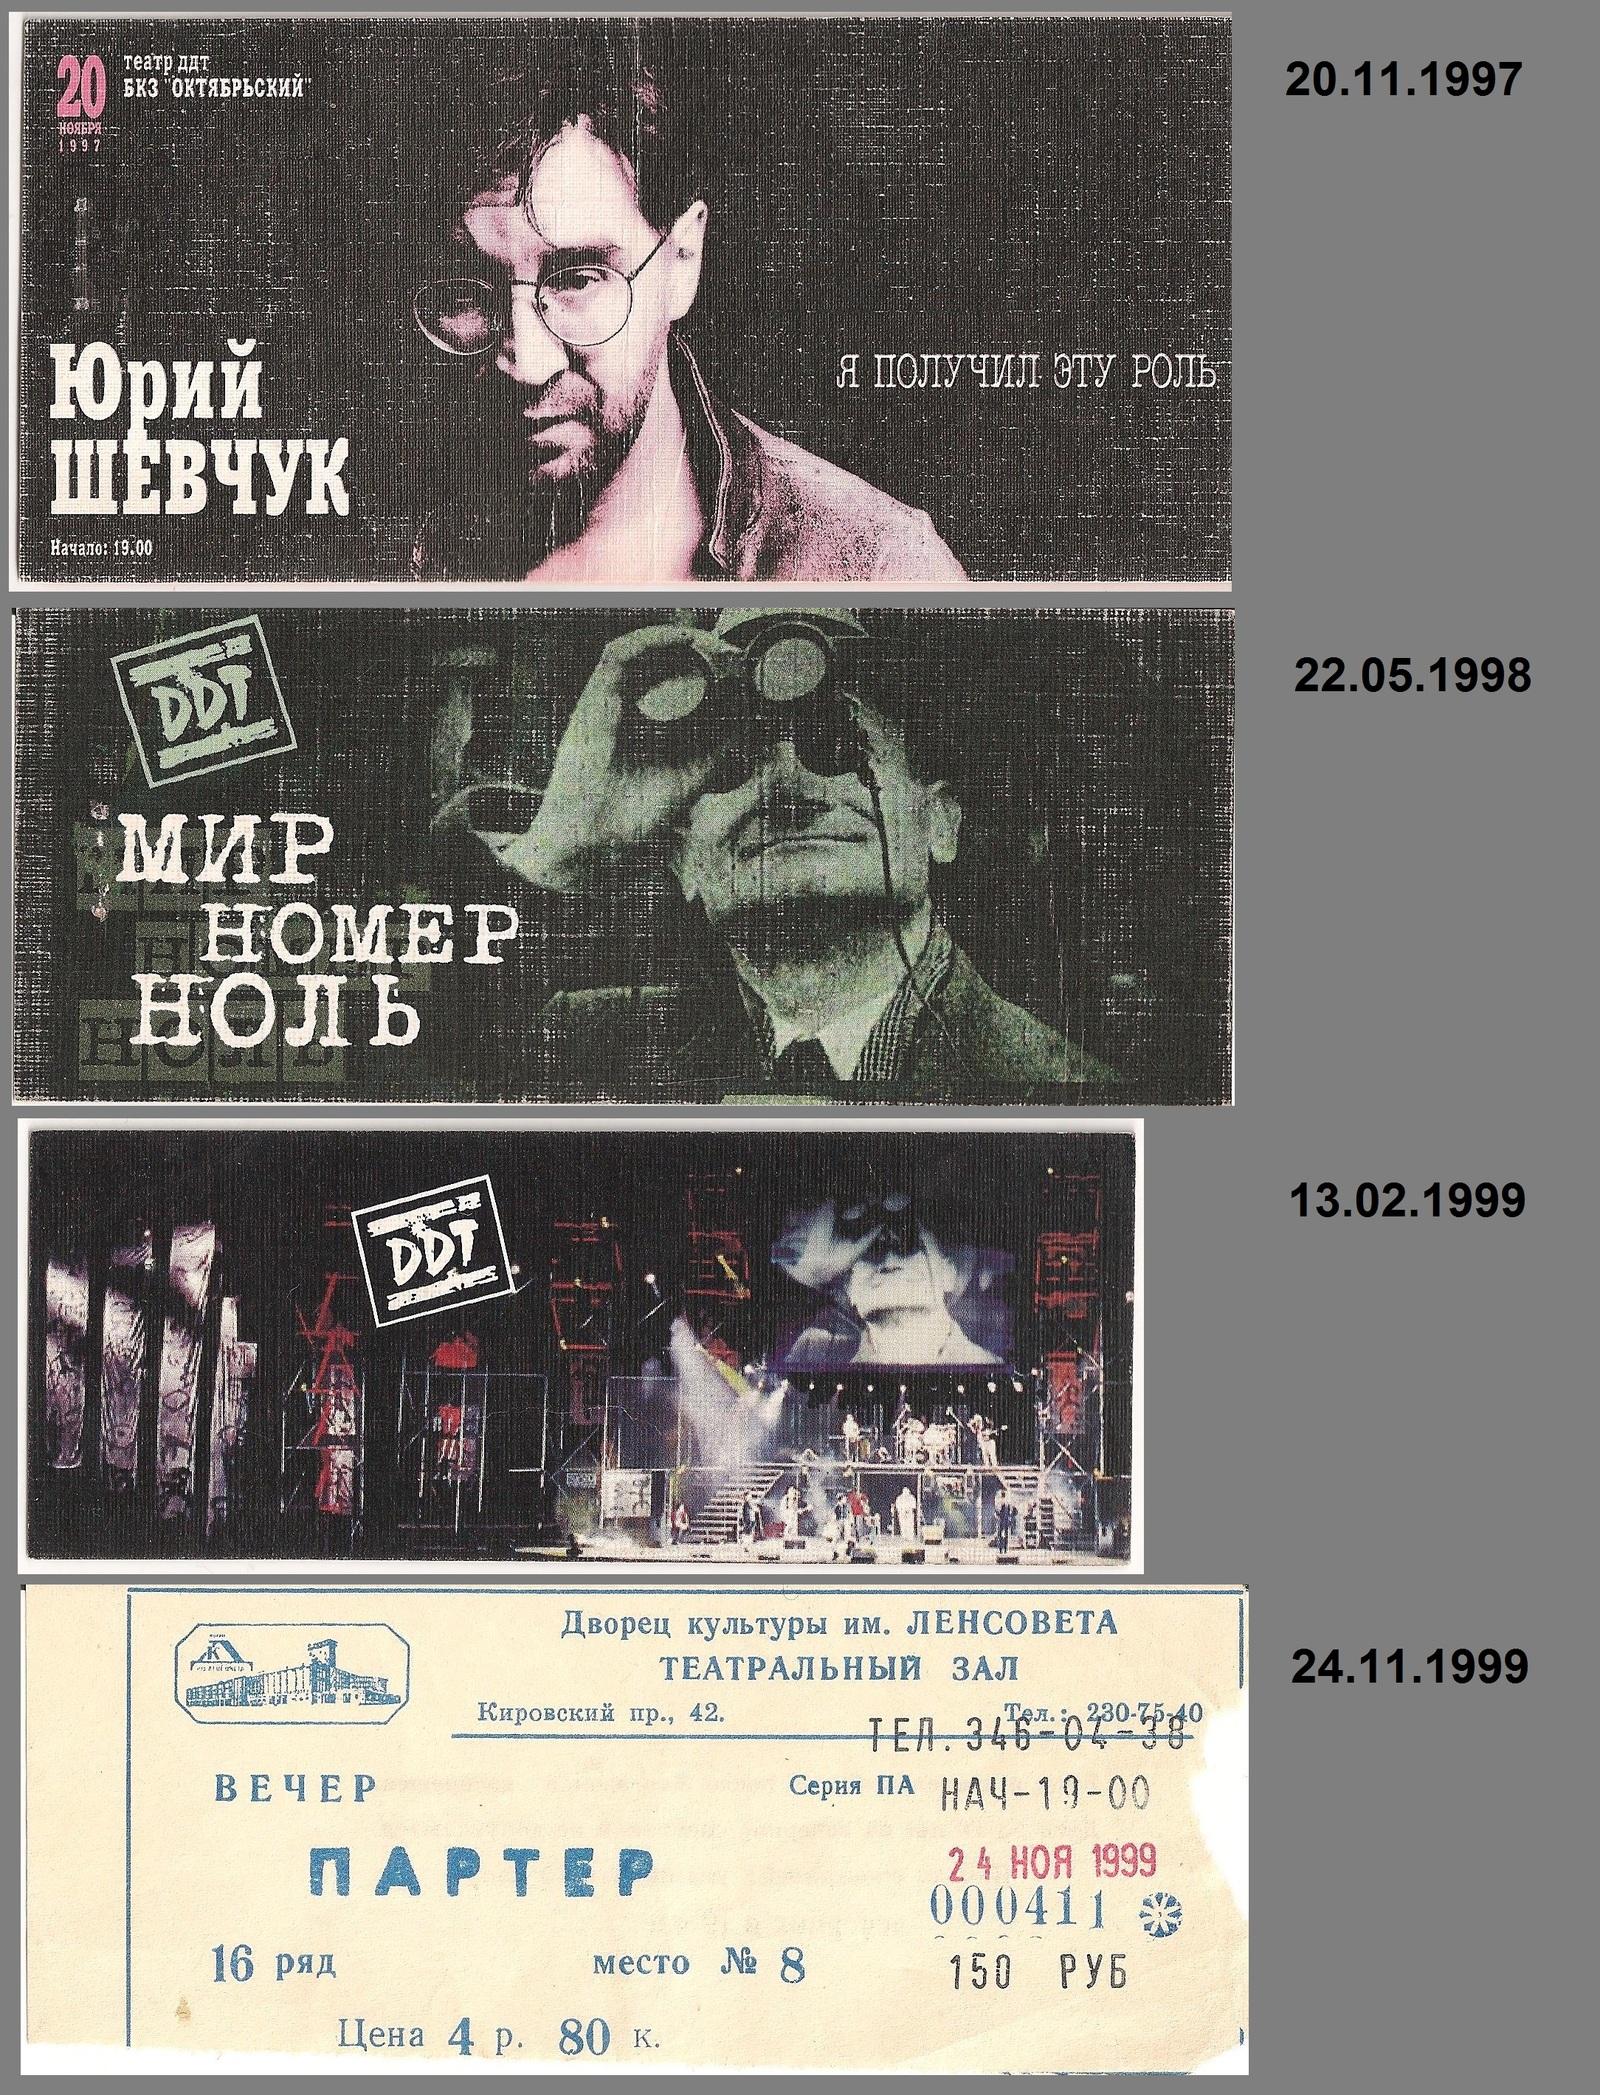 Мир билетов на концерт купить билет на концерт лободы в харькове